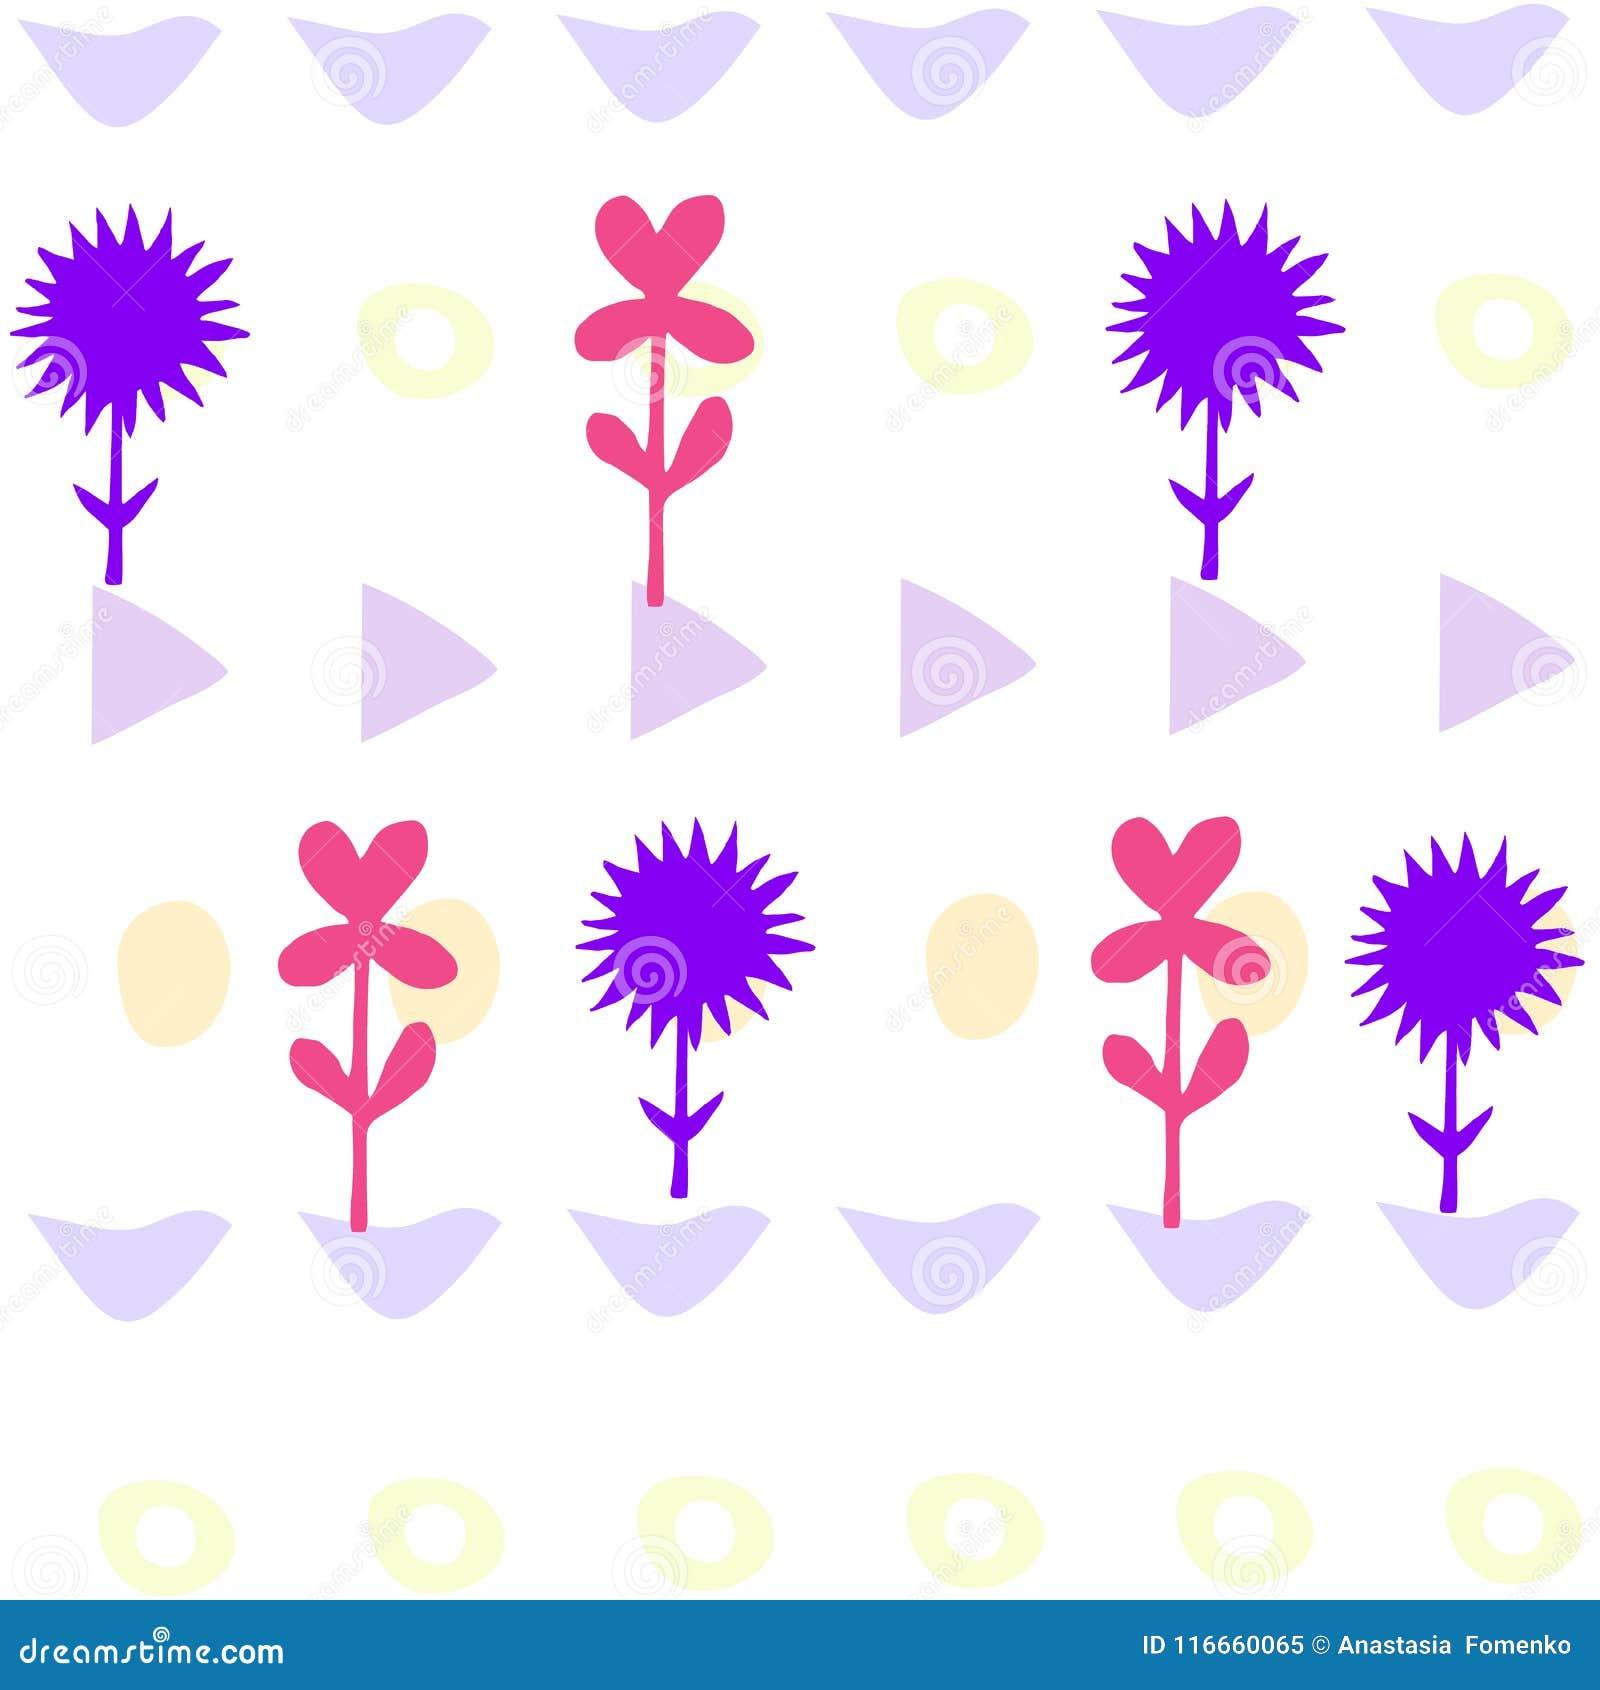 Φωτεινή, ζωηρόχρωμη κάρτα με τα λουλούδια Ρομαντικό υπόβαθρο για ιστοσελίδας, γαμήλιες προσκλήσεις, εκτός από τις κάρτες ημερομην